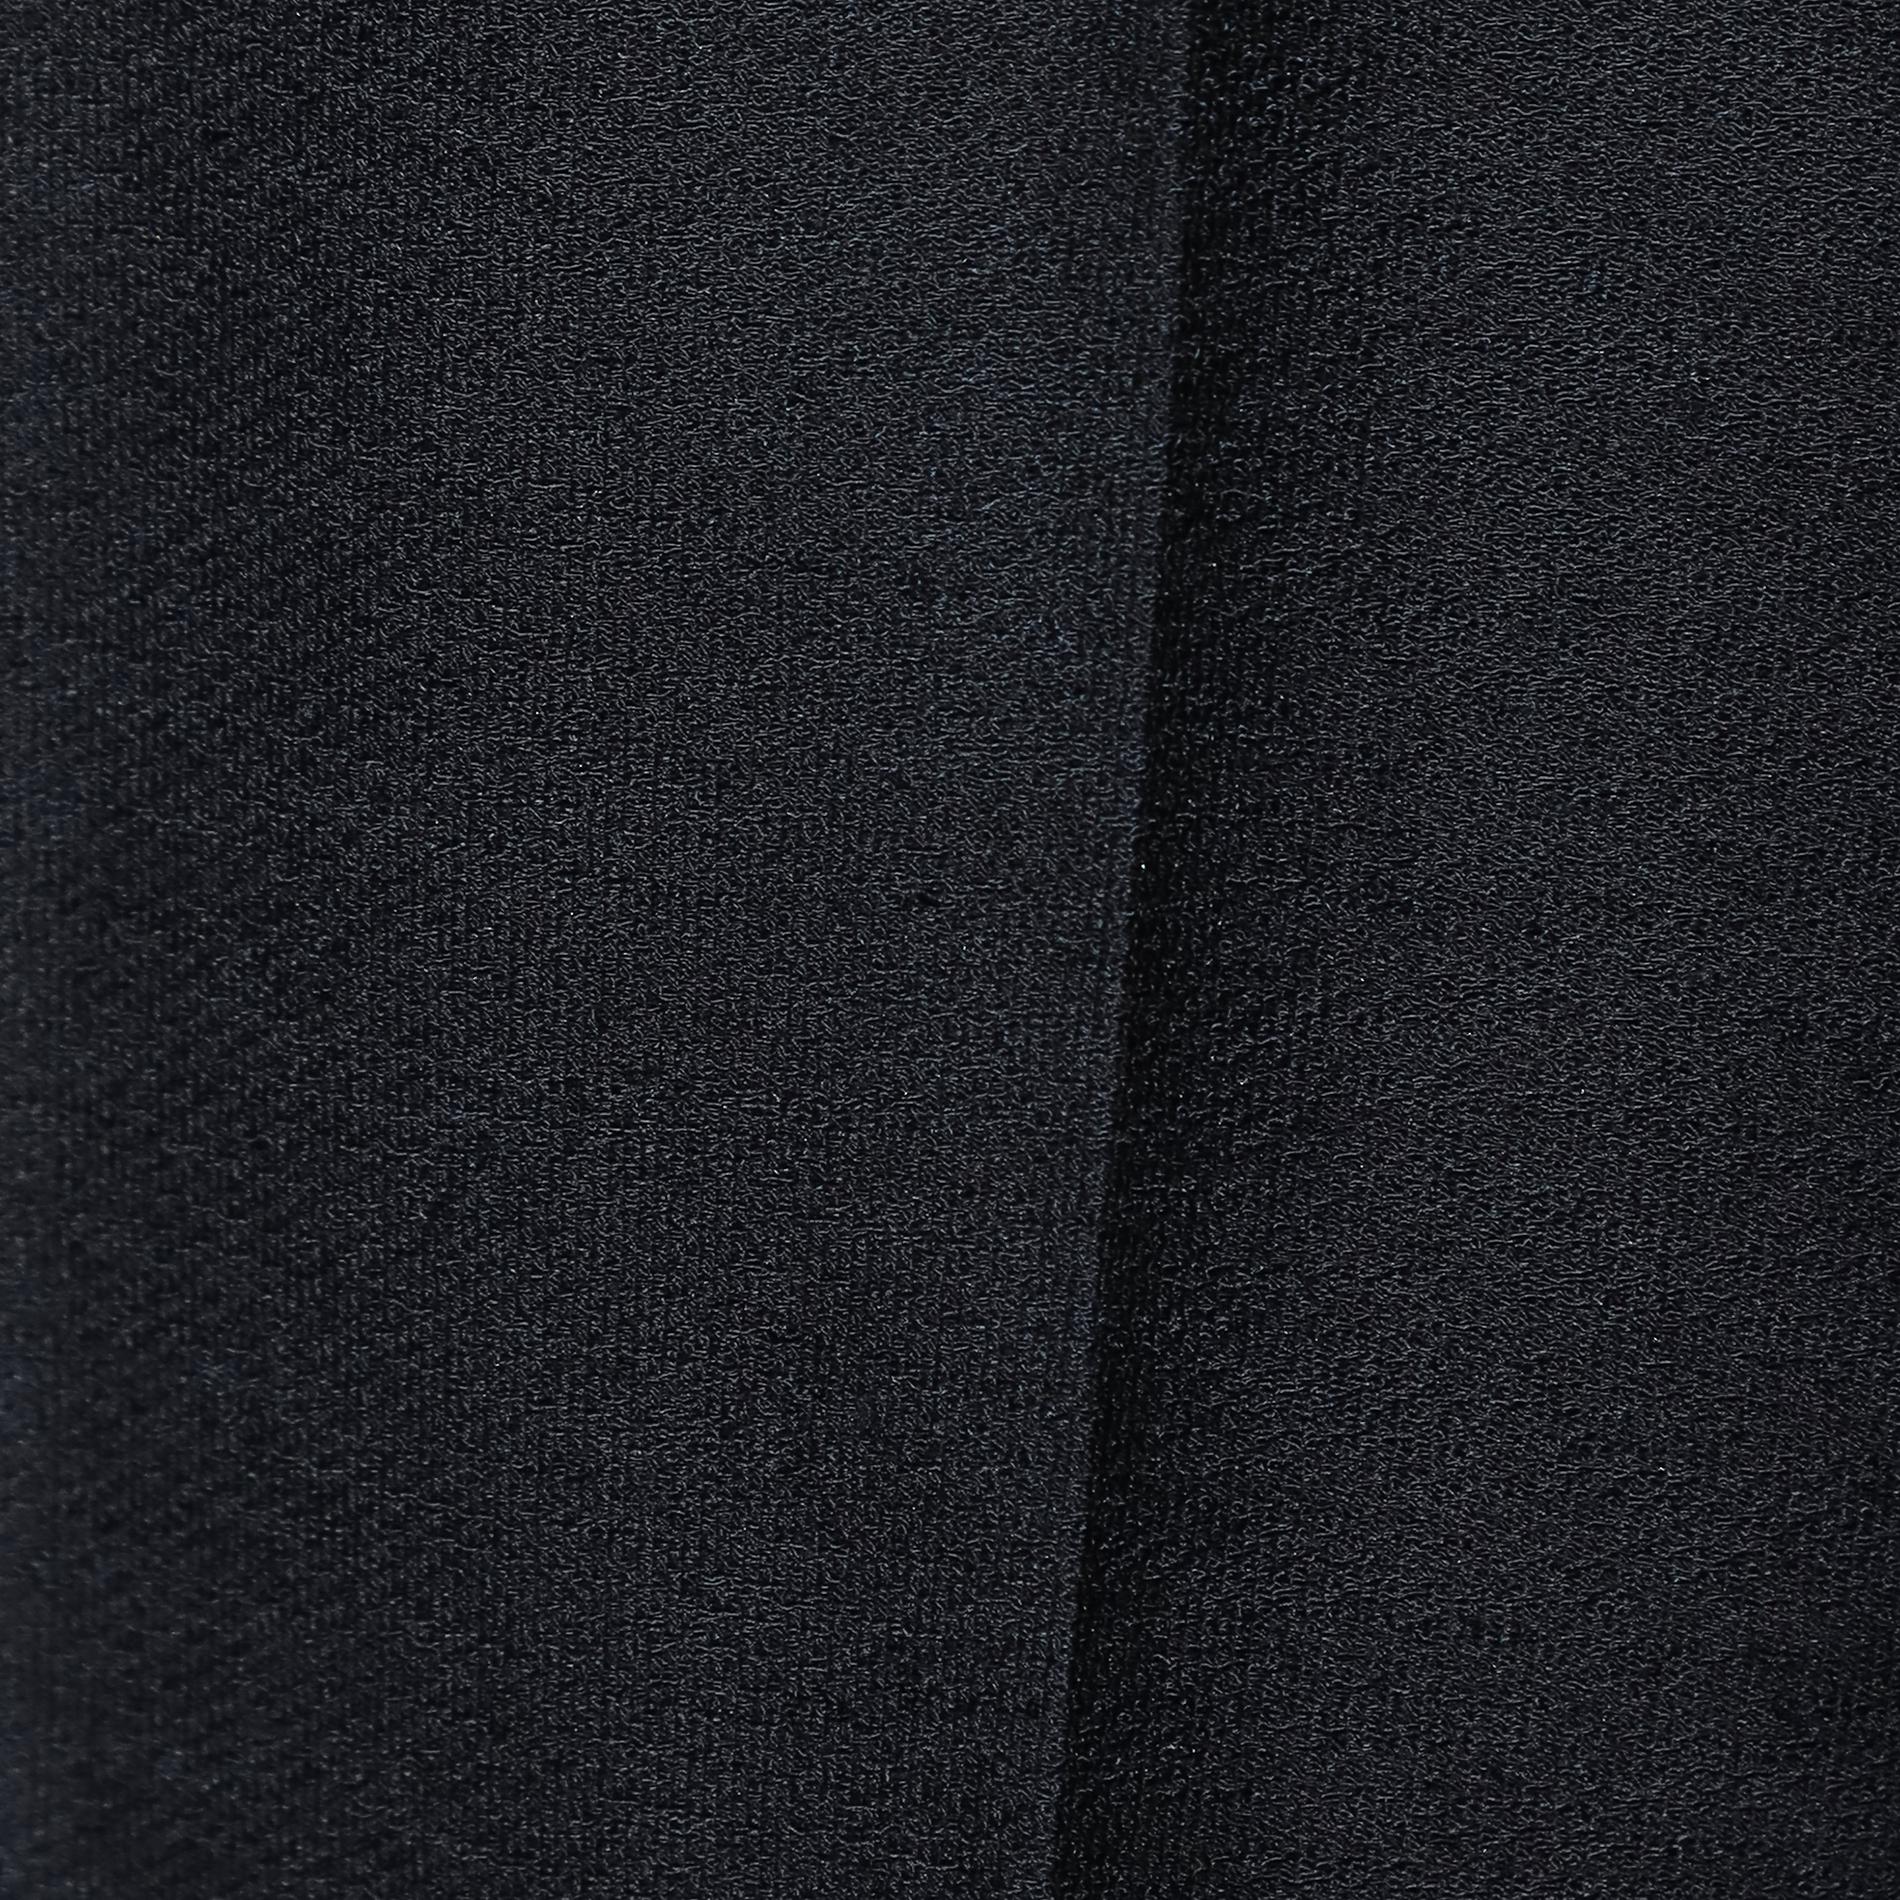 ◆◆【FLEX JERSEY】アラマーバランサーパンツ